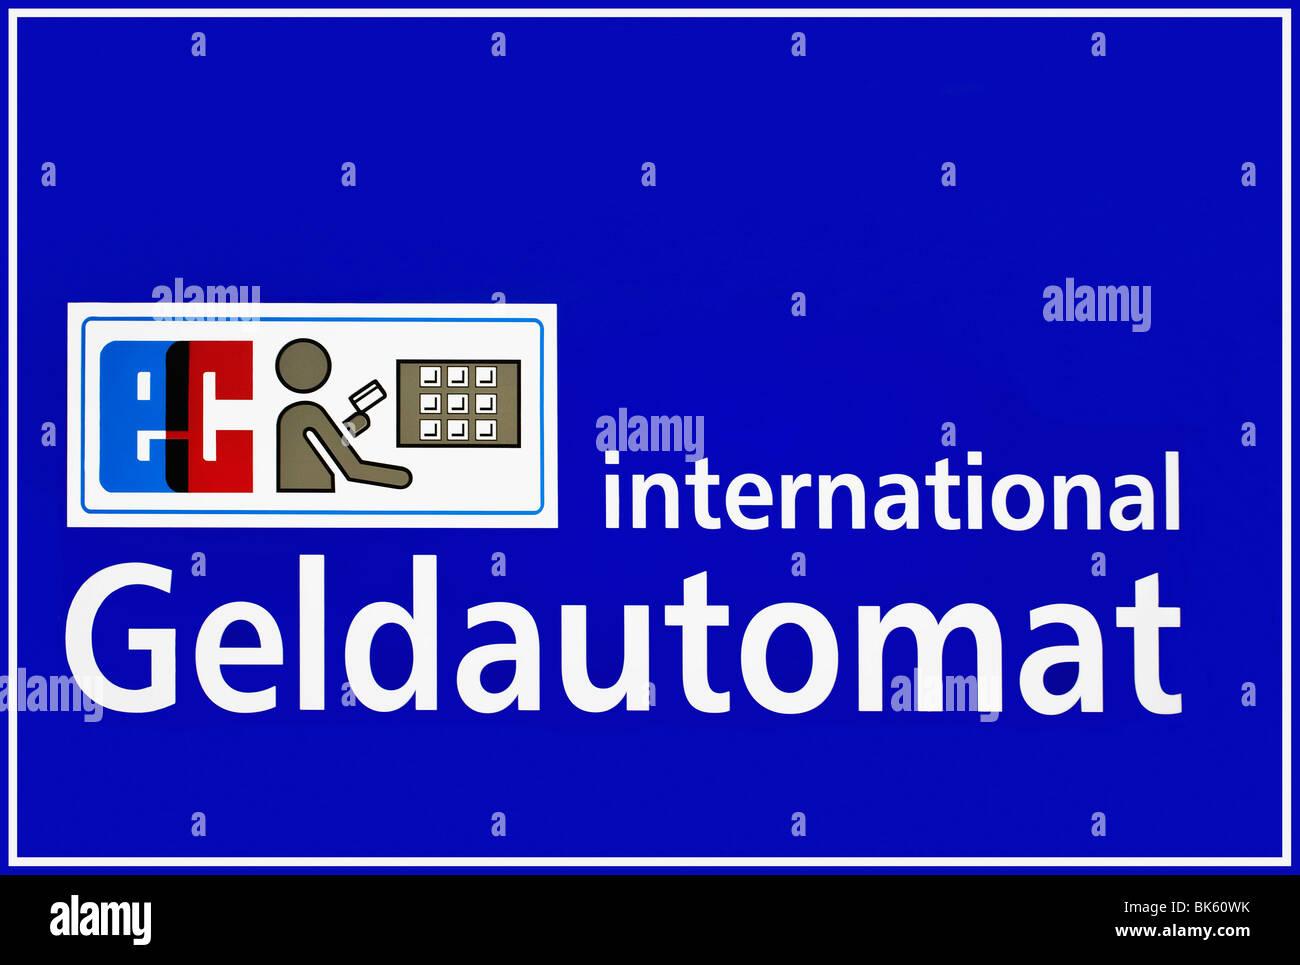 Firmar, EC International ATM con un pictograma, pin pad, efectivo electrónico Imagen De Stock